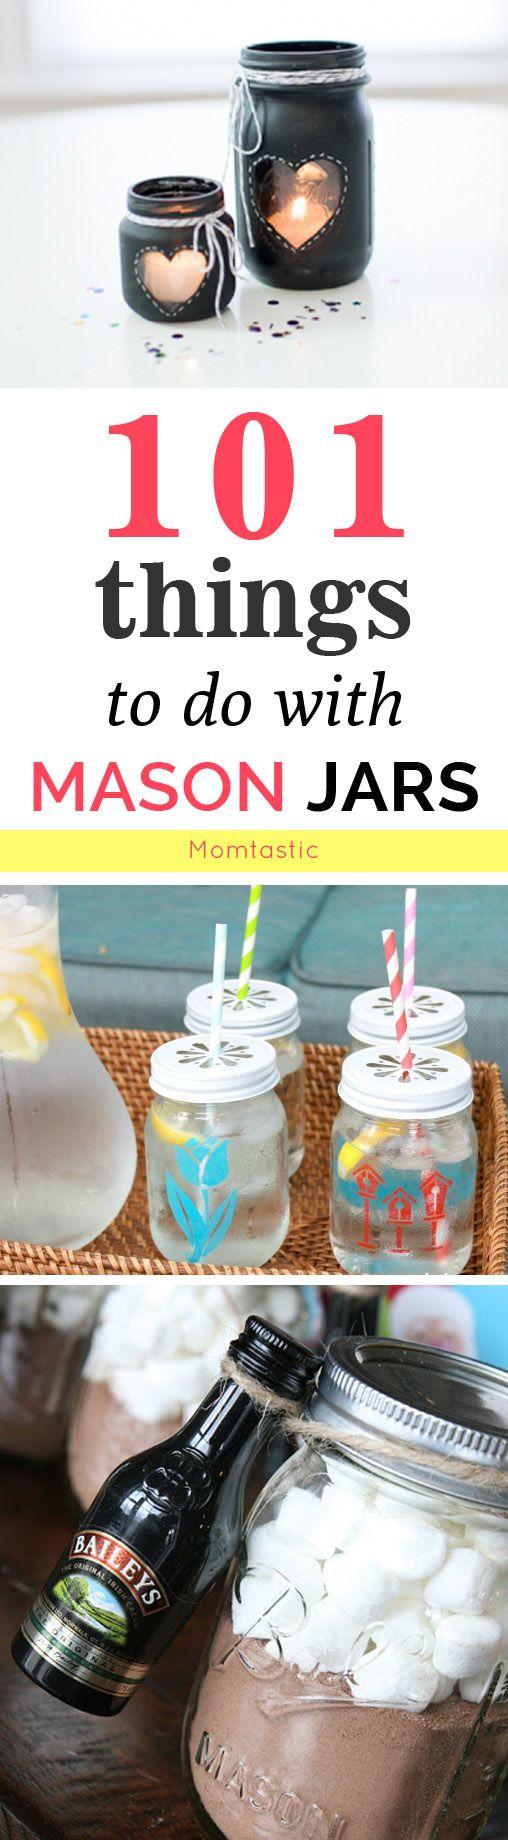 如果你没有任何梅森罐子,那就去买一些,是吗?这里有101个关于梅森罐子的事情 - 从梅森罐子工艺品到DIYs到现在销售并稍后再试。